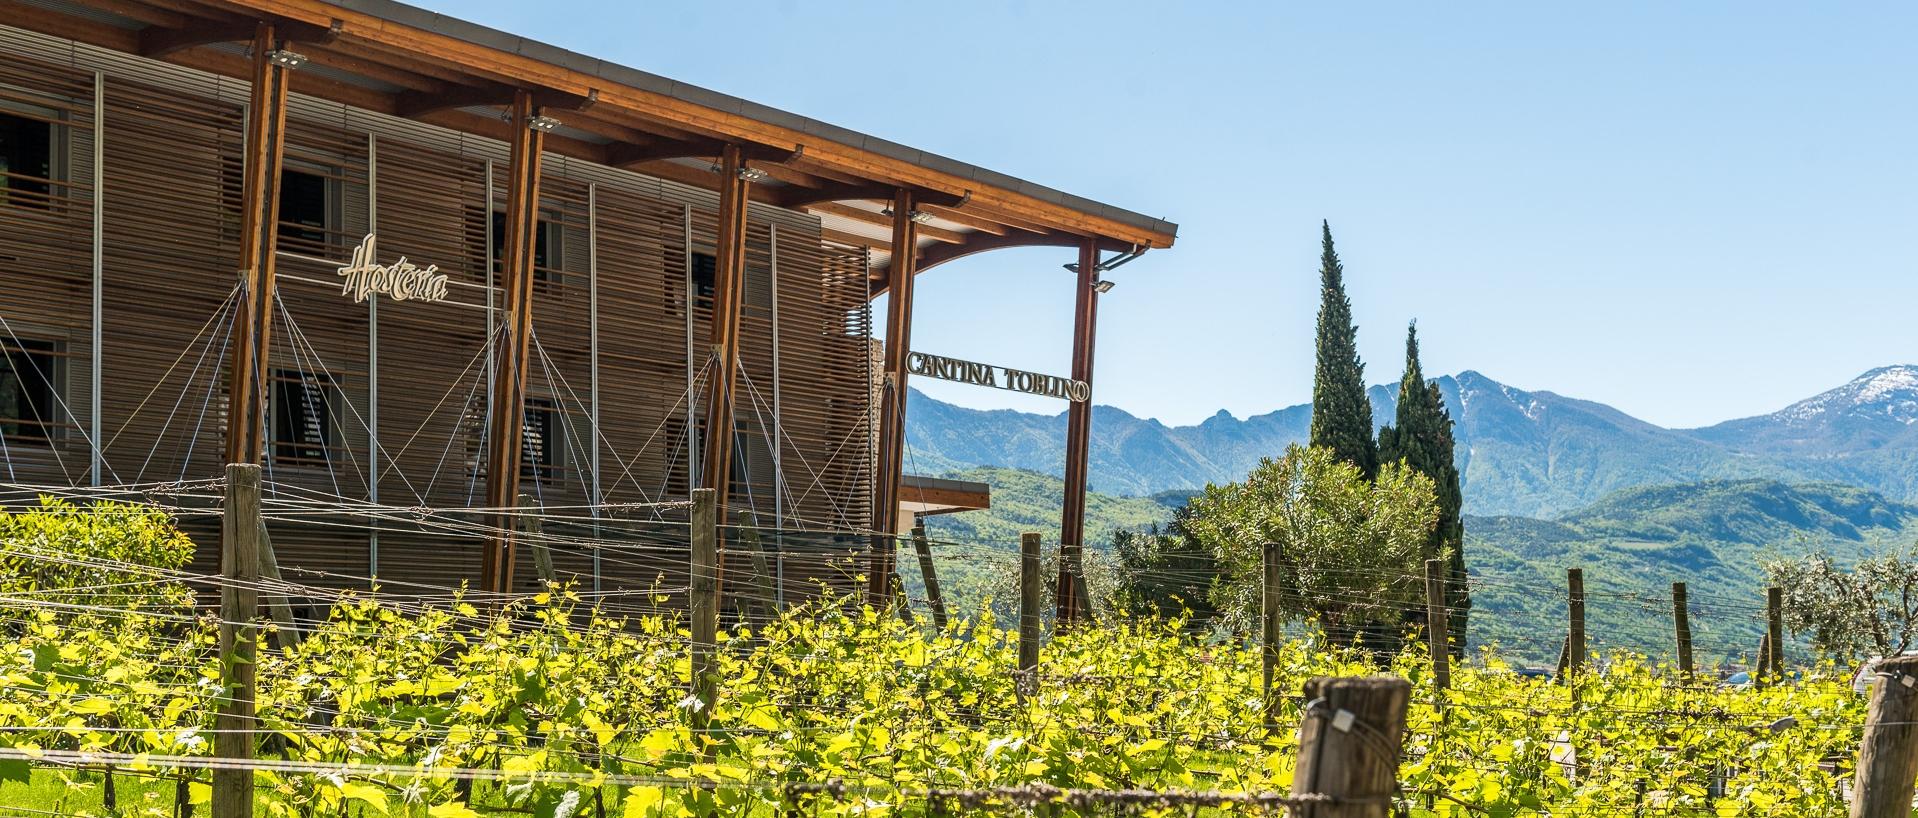 Muffa Bianca In Cantina scopri i nostri vini - online shop - cantina toblino